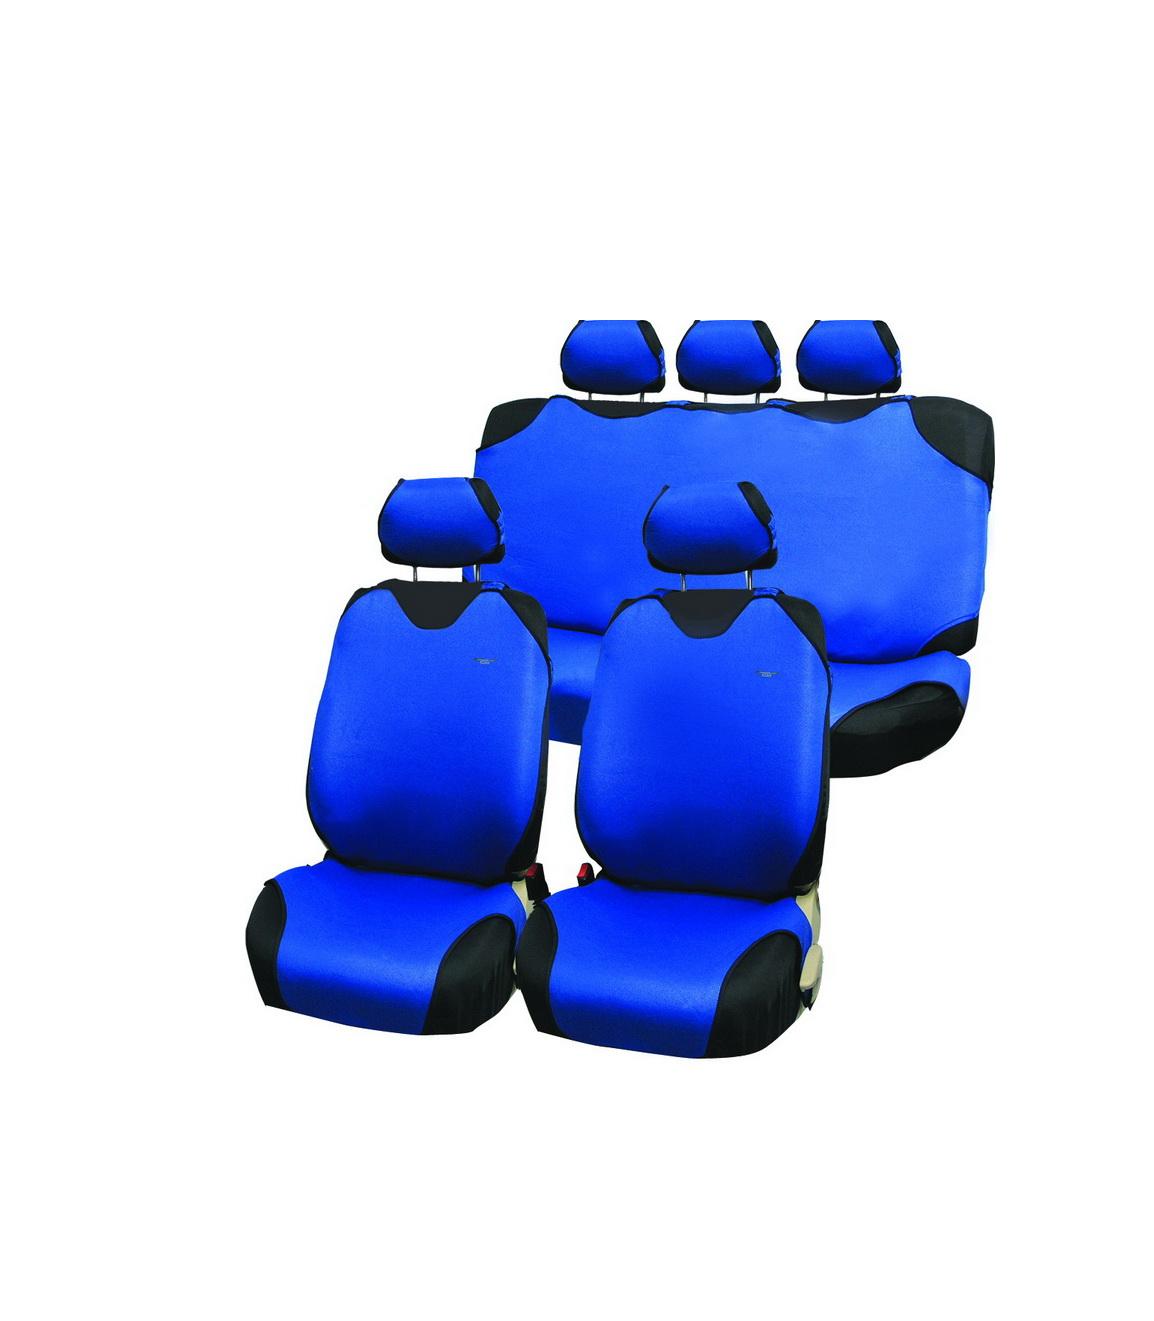 Чехлы майки своими руками на сиденья автомобиля